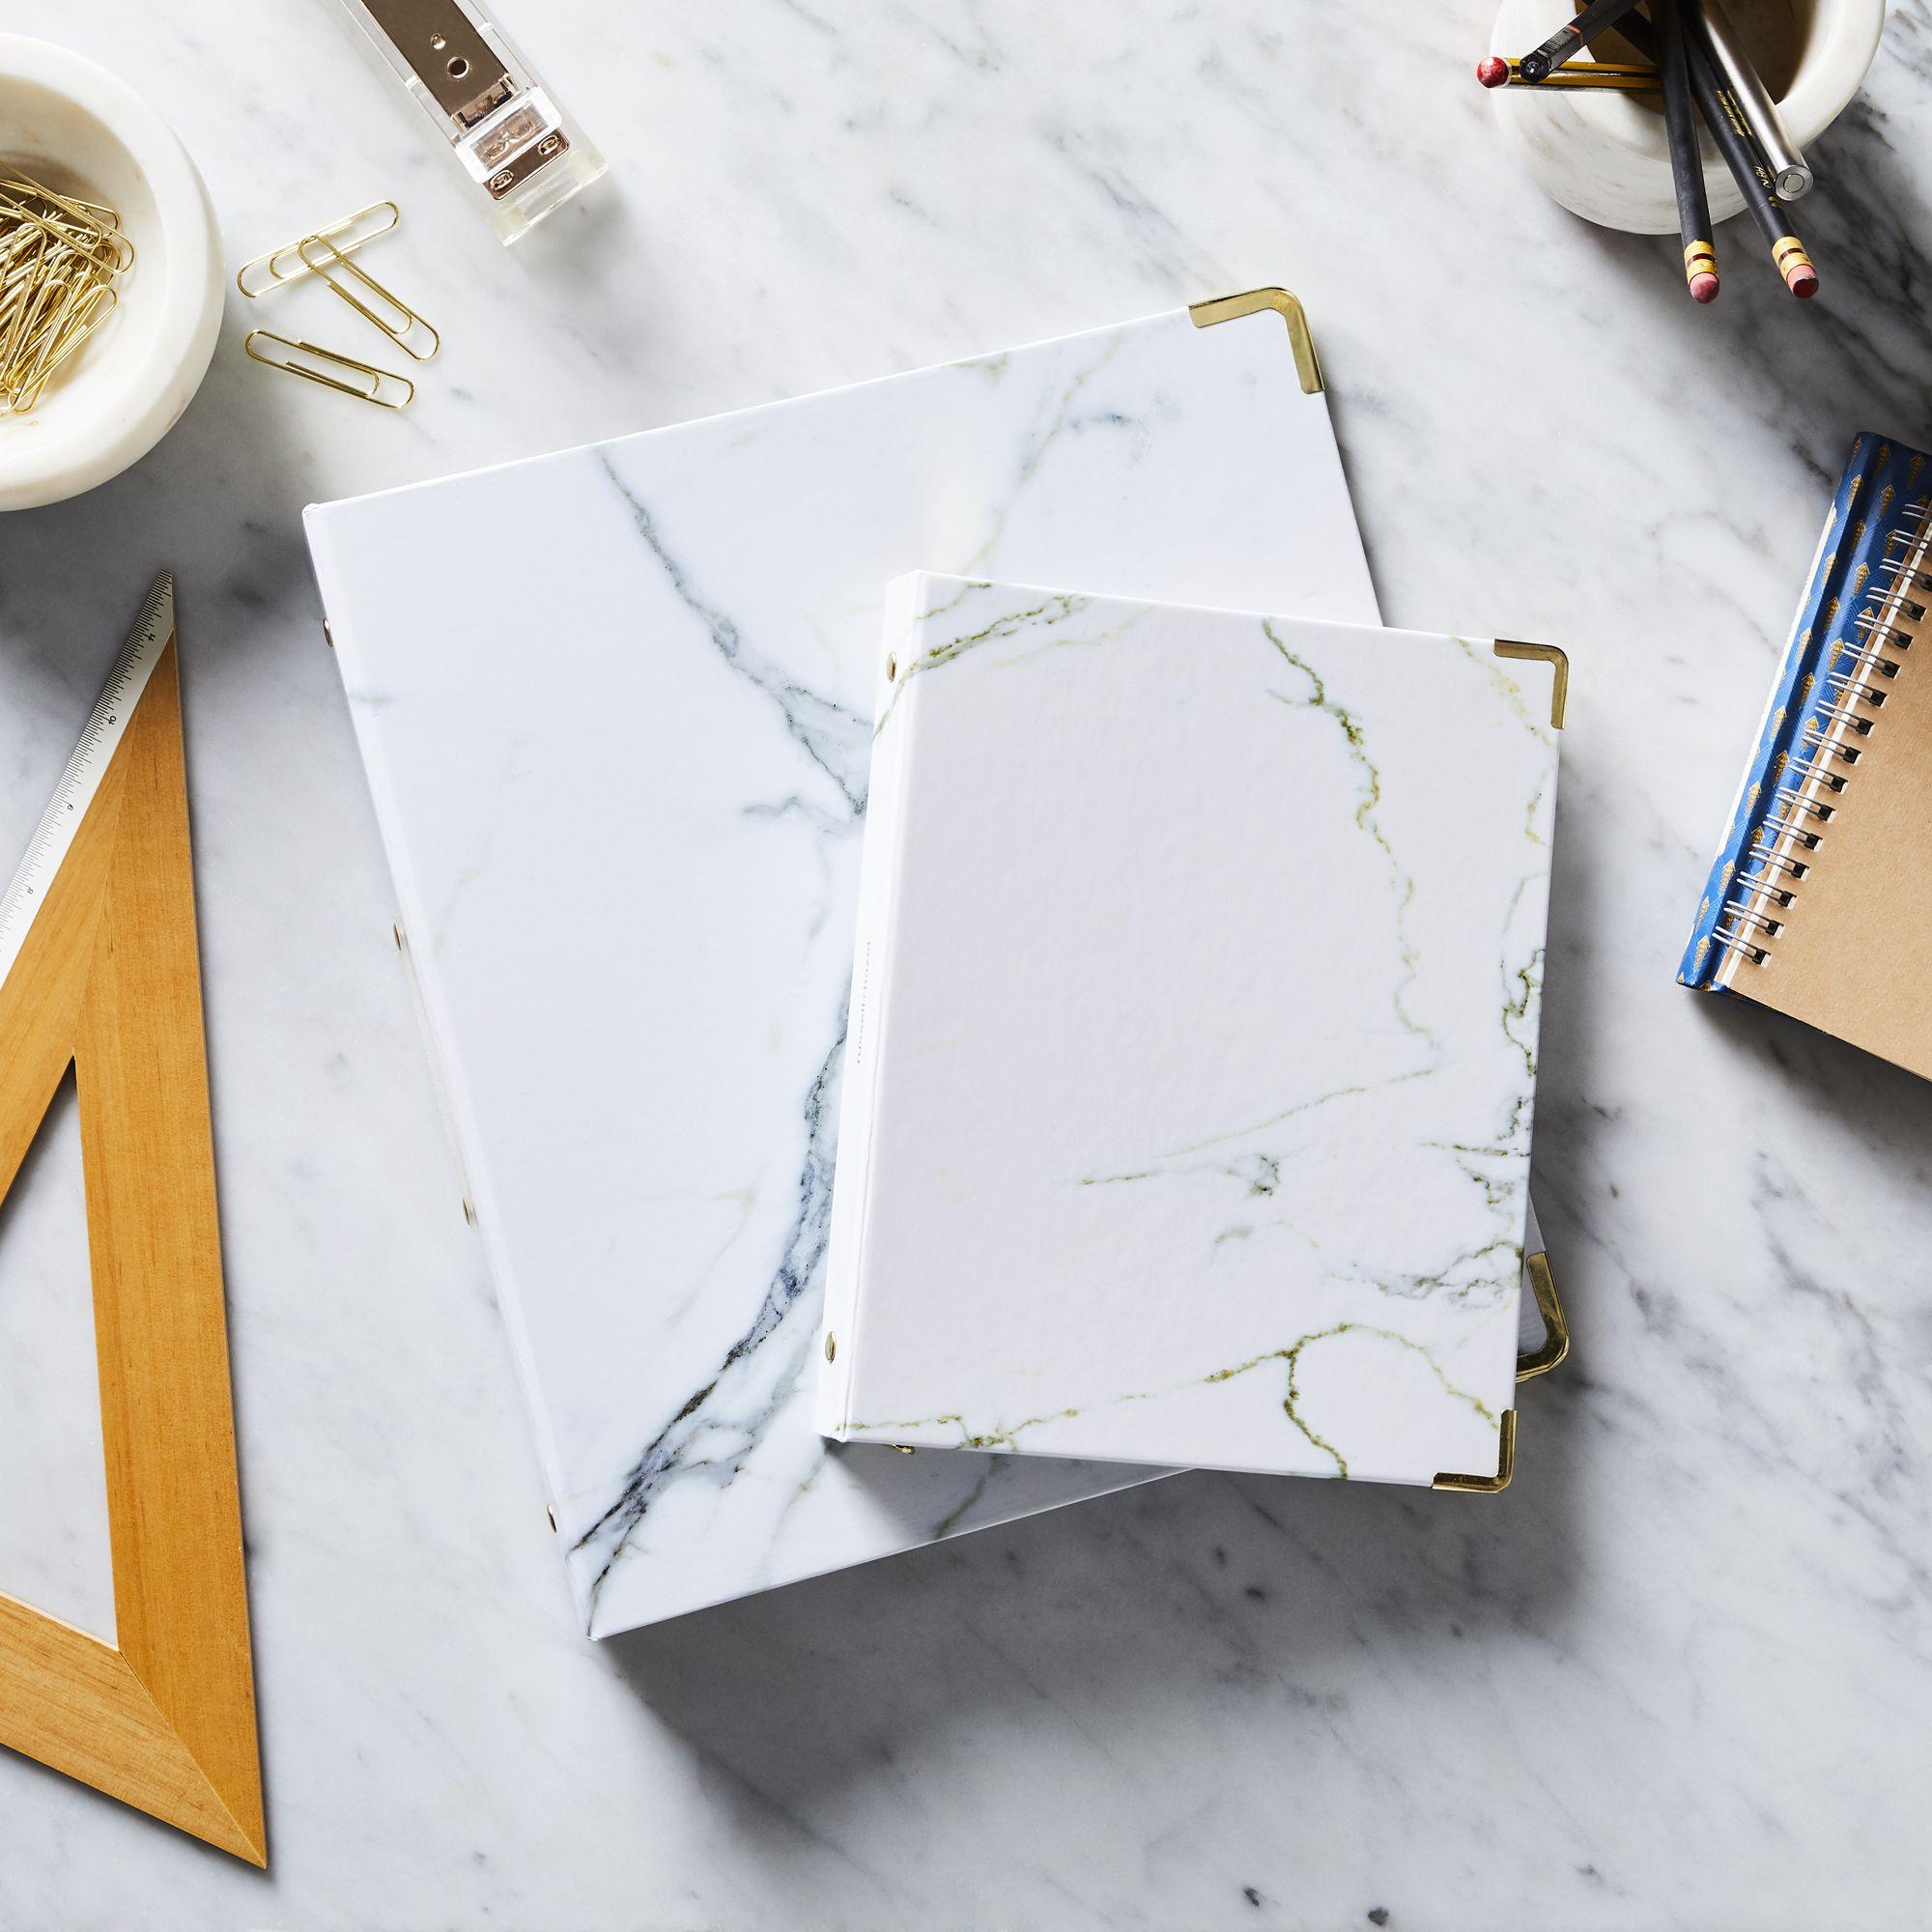 Marble binder by Russel+Hazel